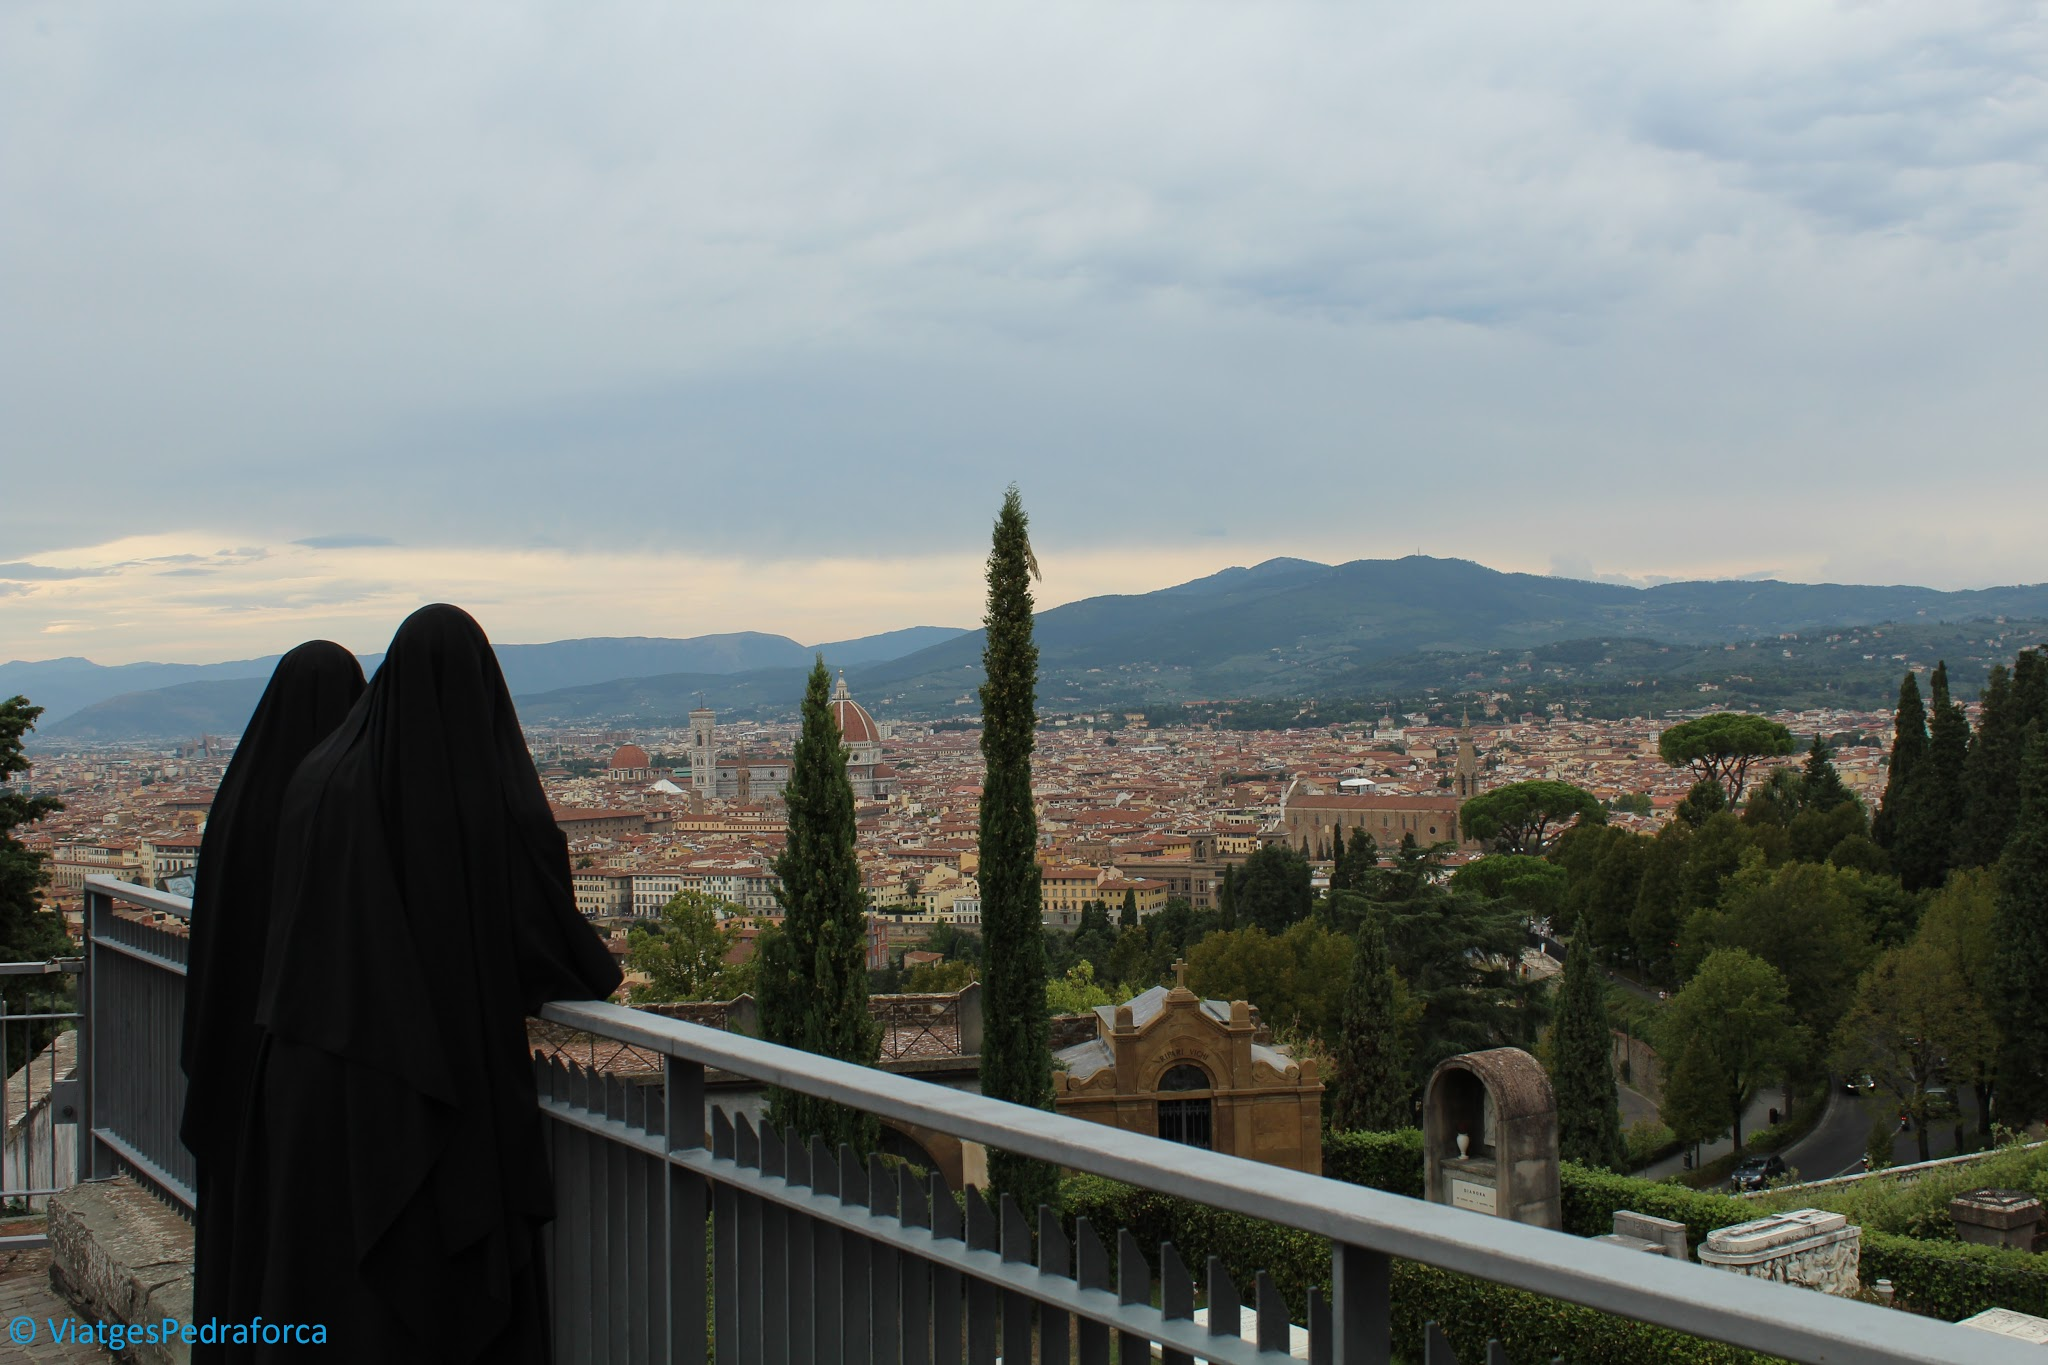 Unesco, Patrimoni de la Humanitat, Centre històric de Florència, Toscana, Itàlia